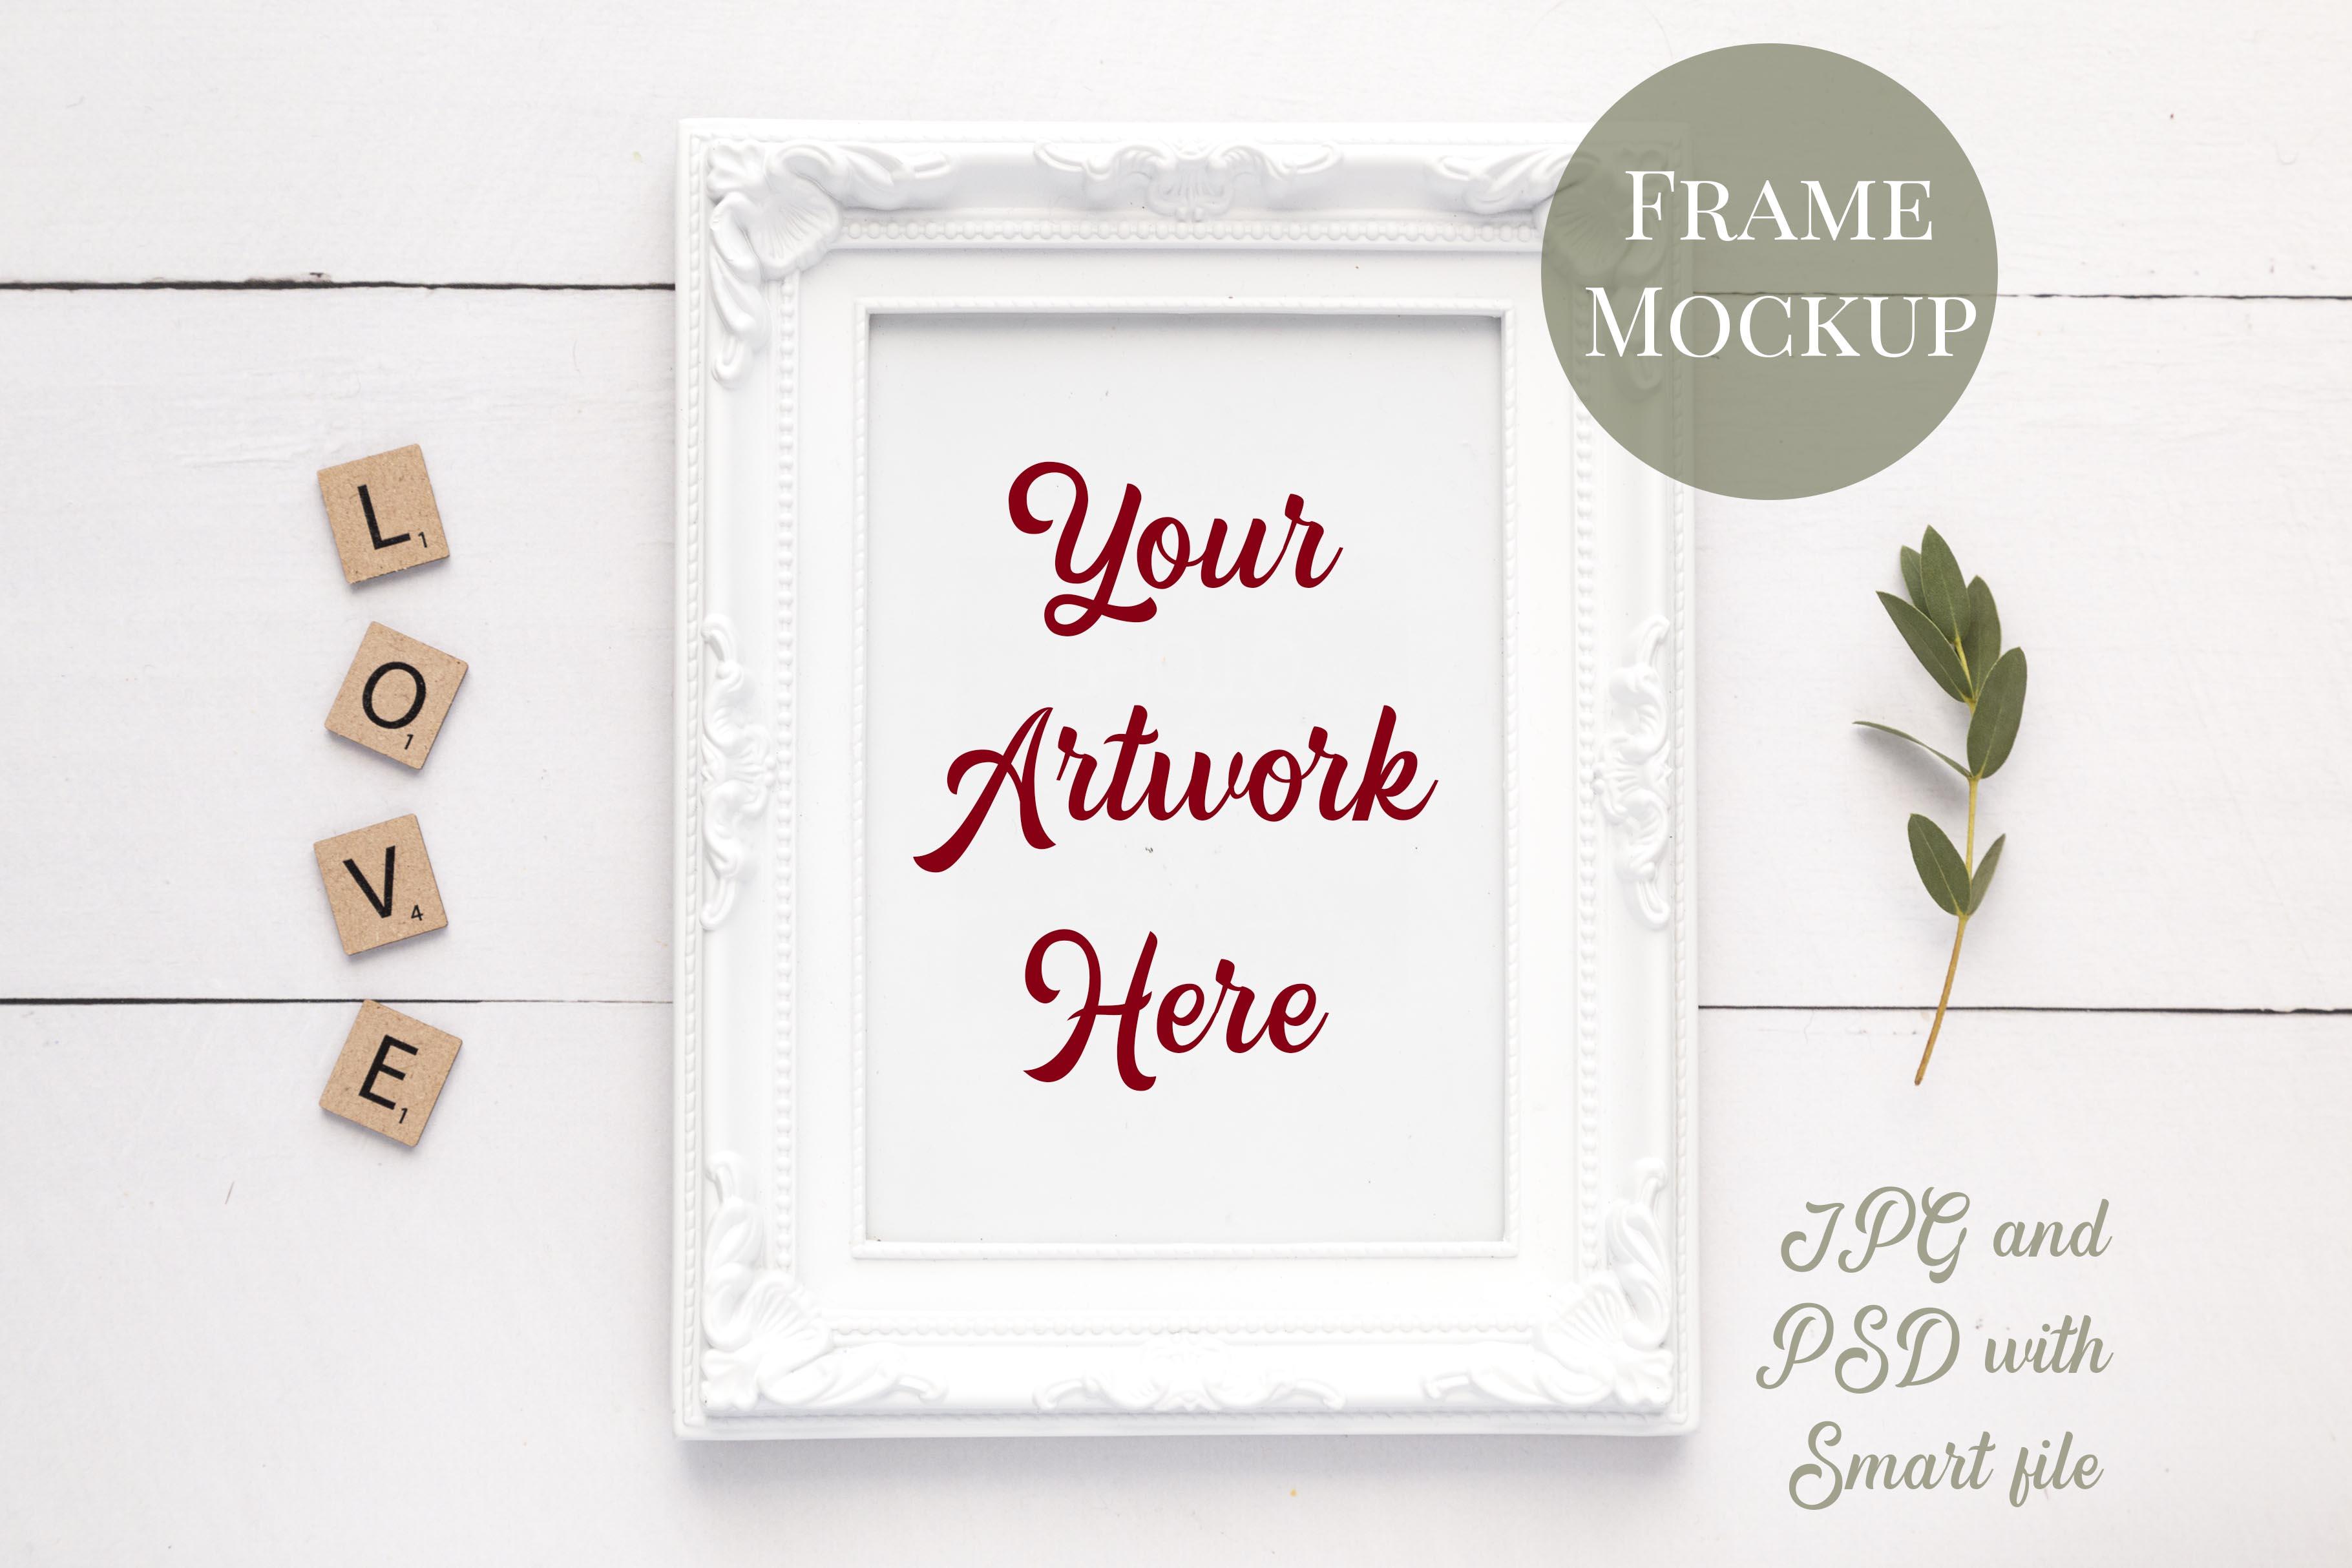 Bundle of 8 Mockups - Card, Frame and Mug Mockups example image 4